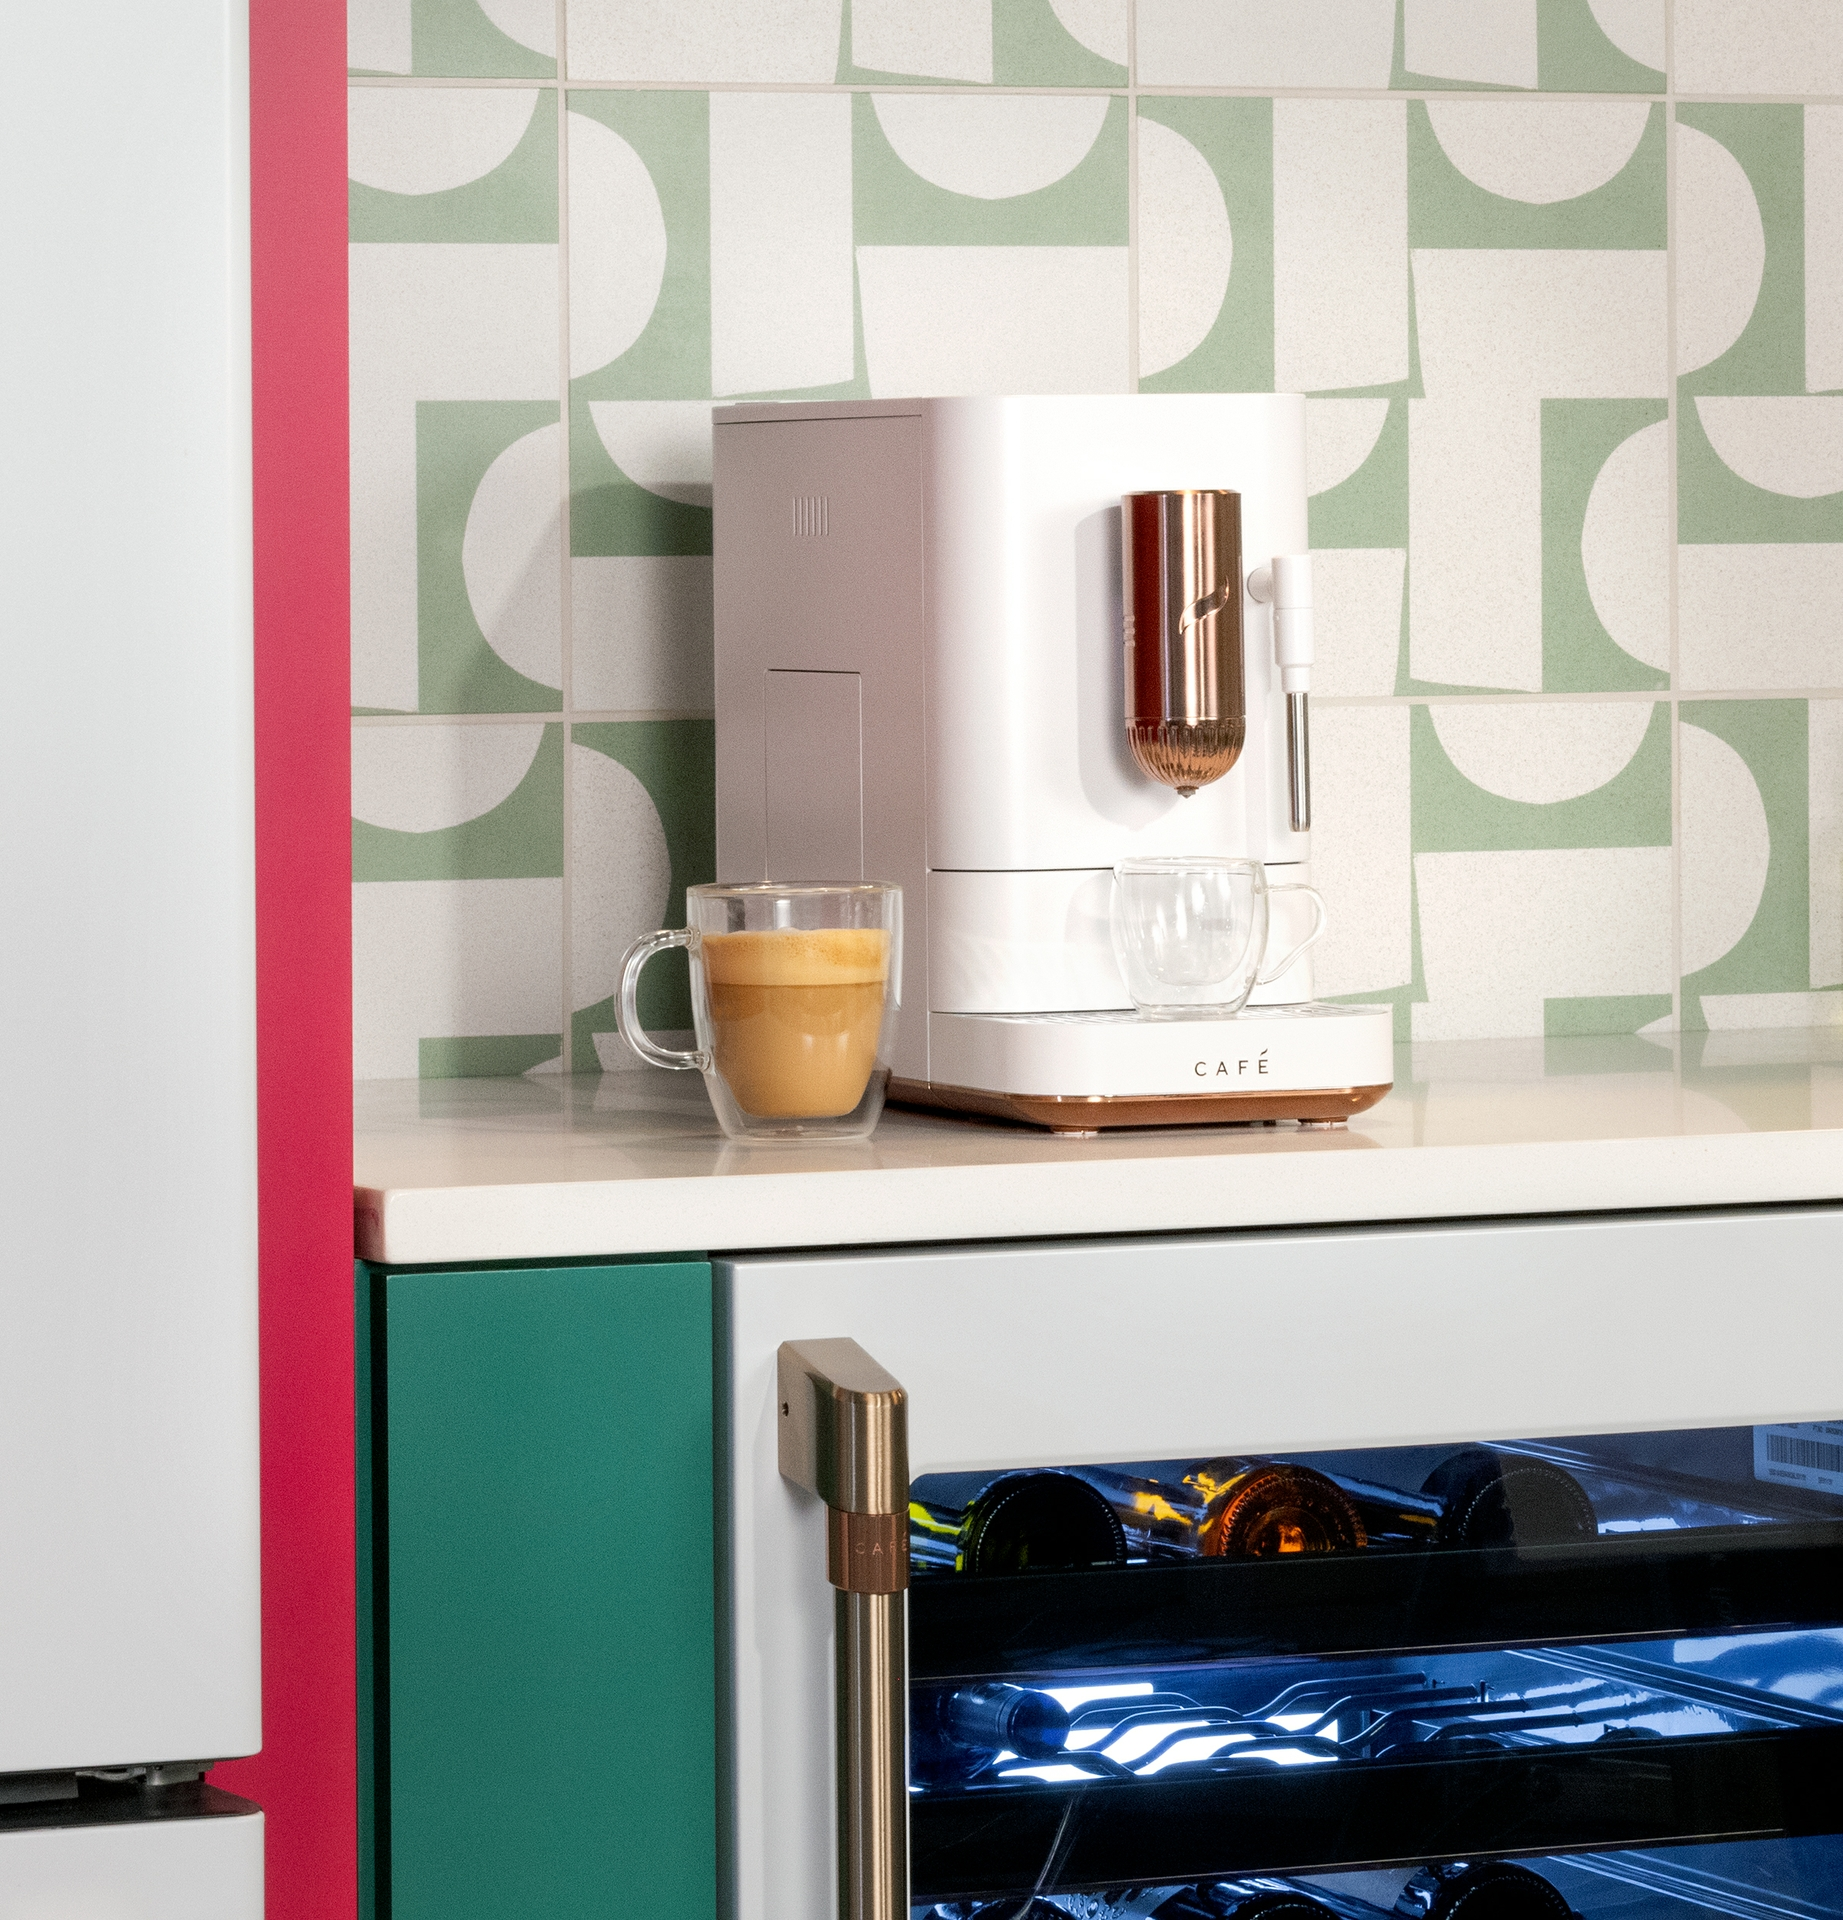 CAFÉ AFFETTO Espresso Machine in Matte White